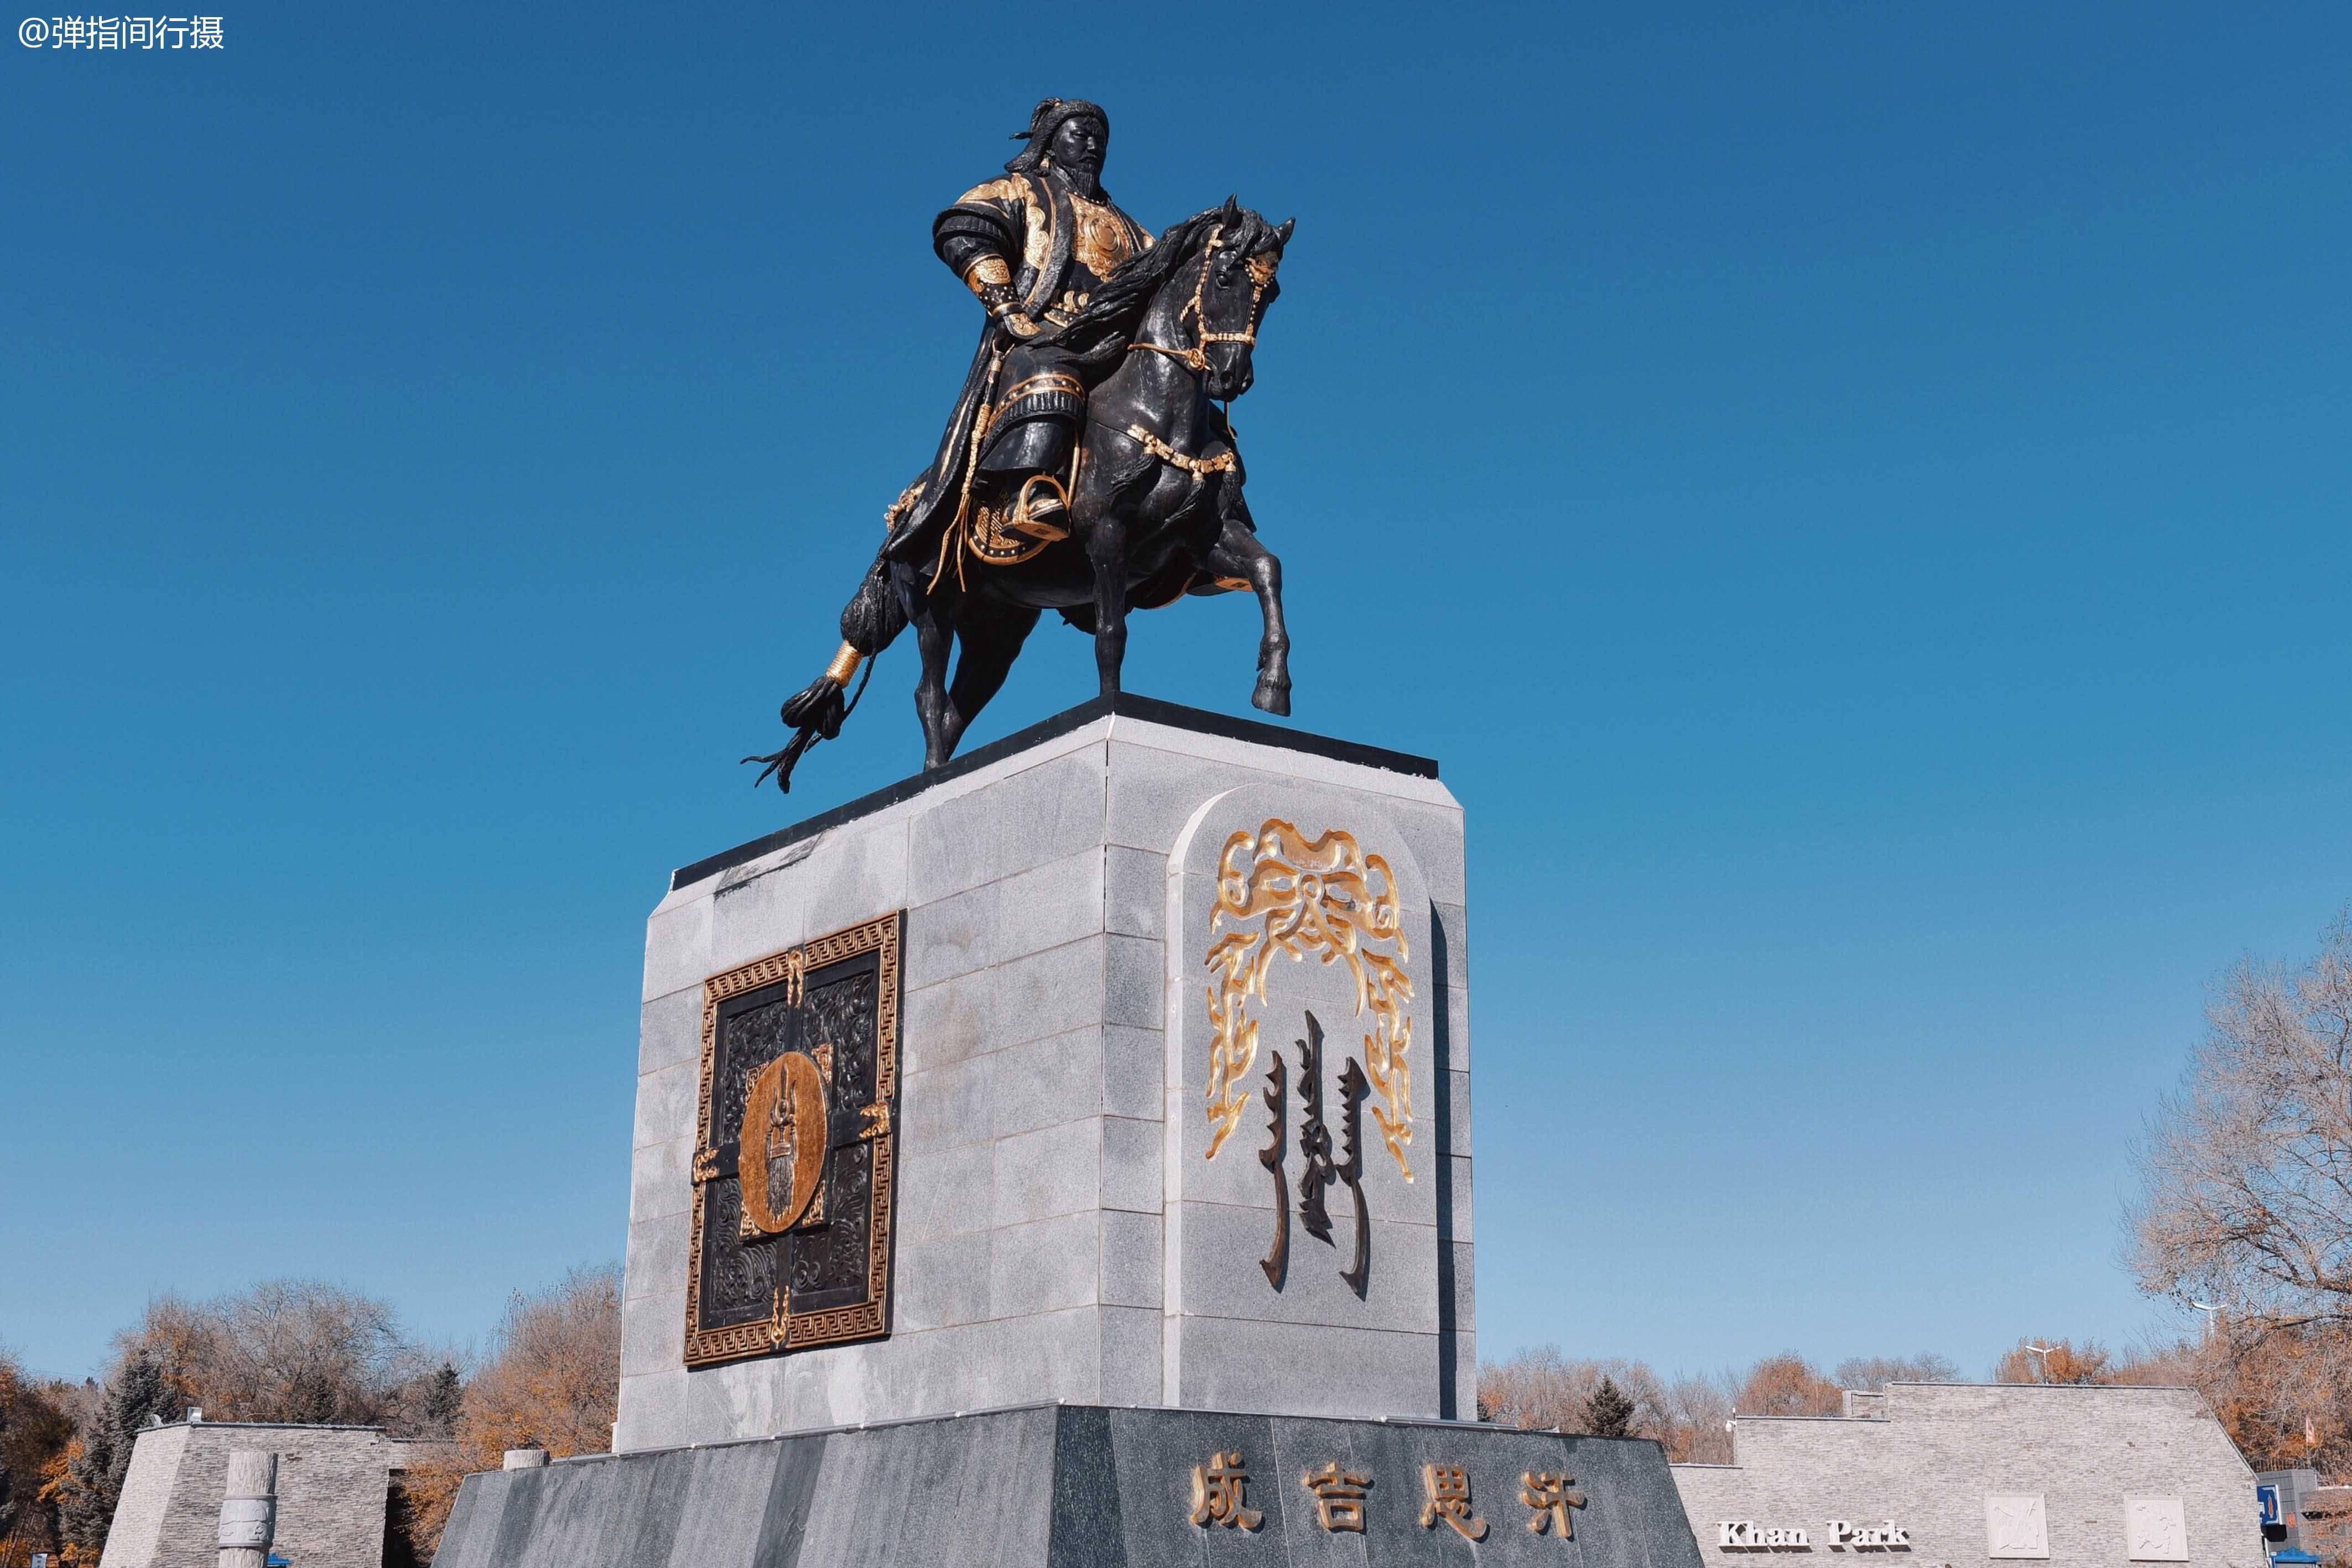 乌兰浩特成吉思汗照片